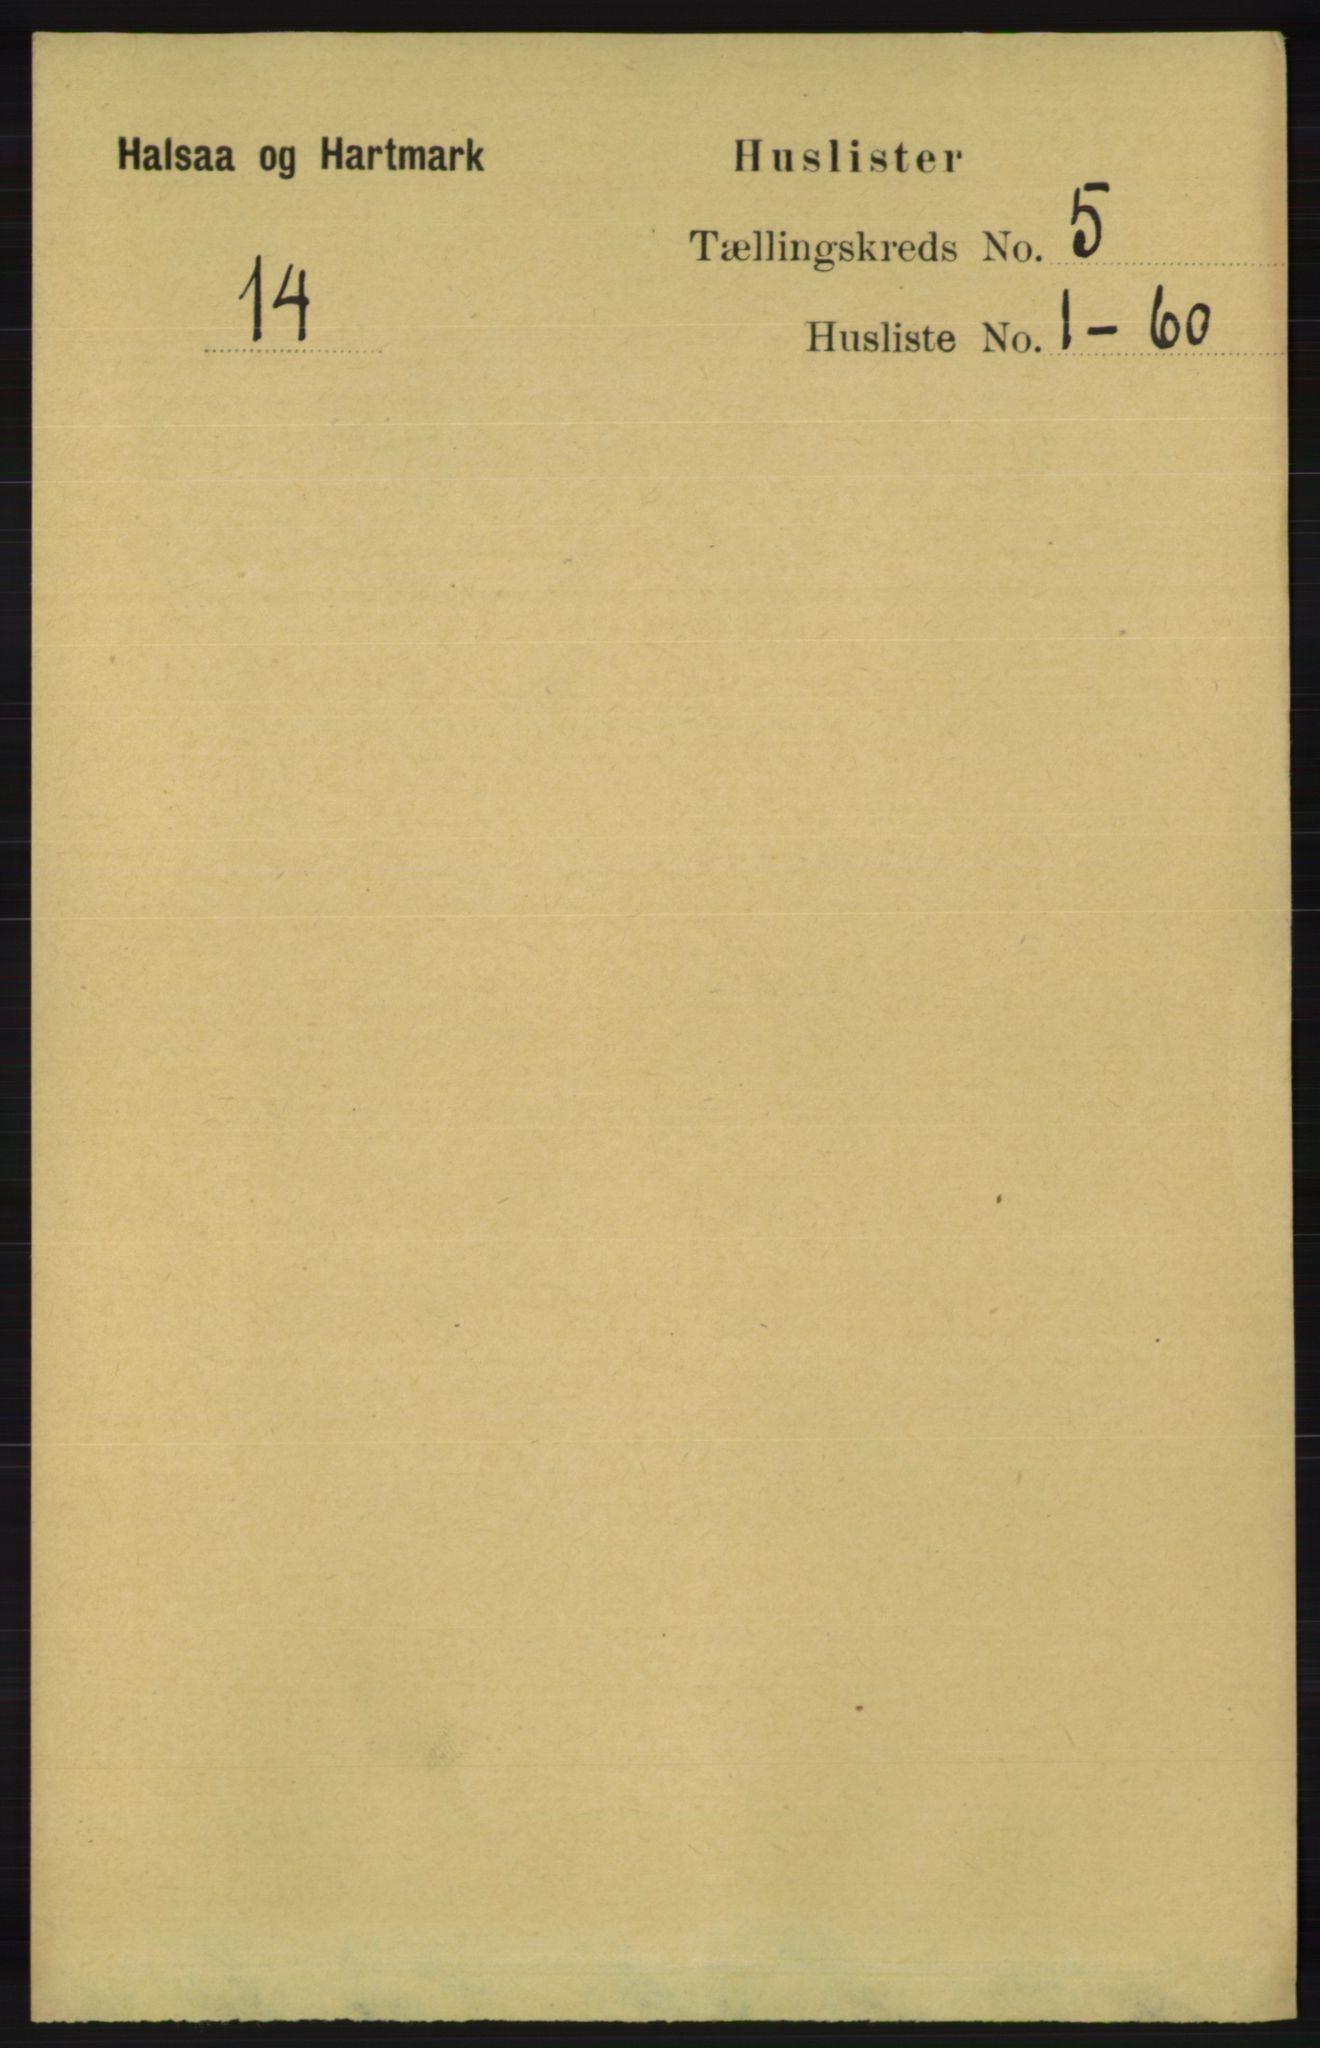 RA, Folketelling 1891 for 1019 Halse og Harkmark herred, 1891, s. 1971